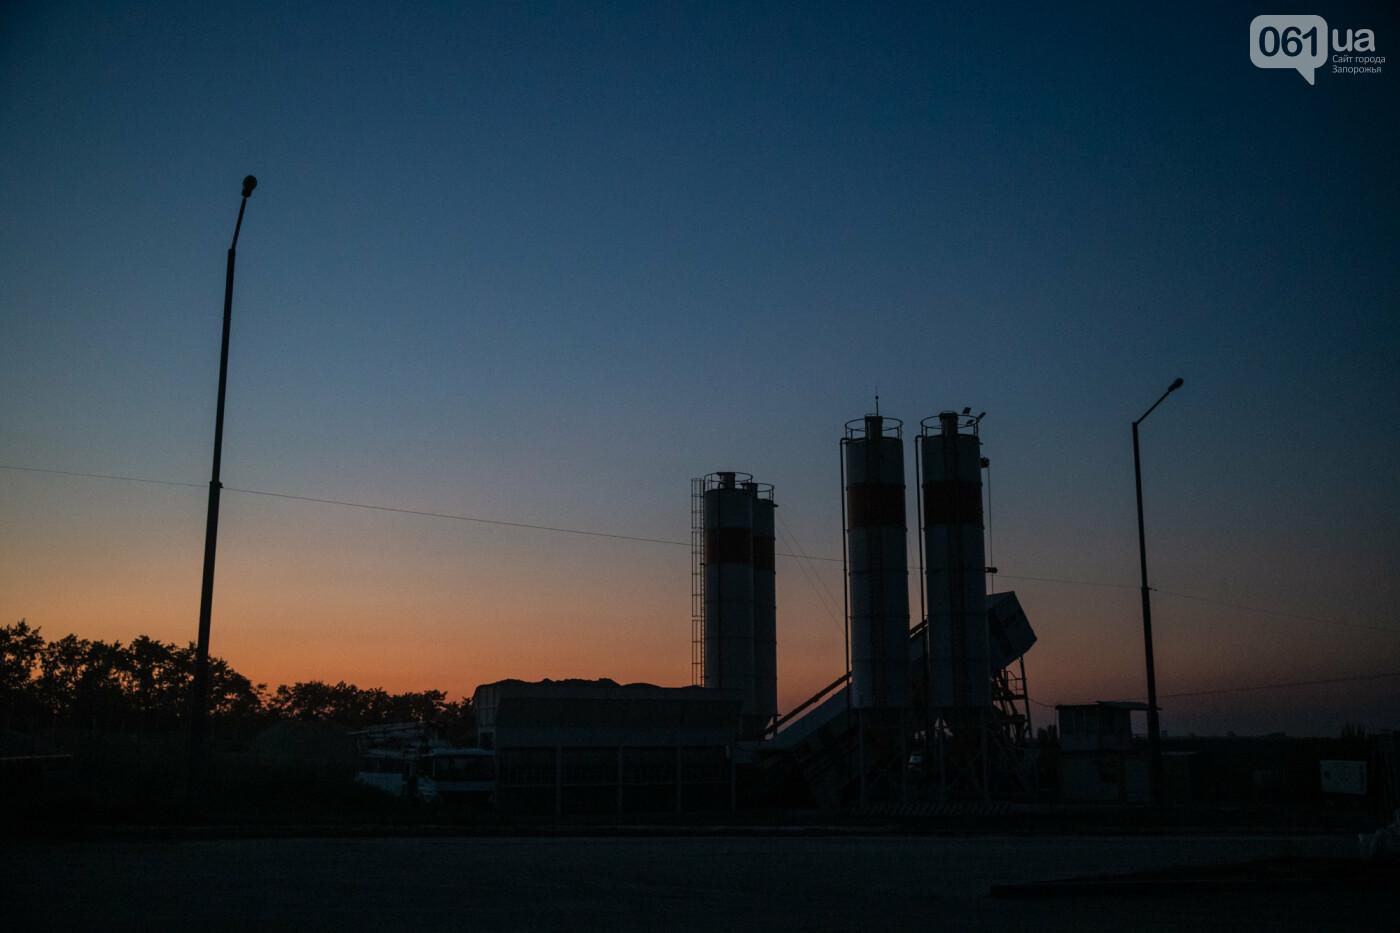 В Запорожье собирают балочный мост через Старый Днепр – строители работают даже ночью, - ФОТОРЕПОРТАЖ , фото-23